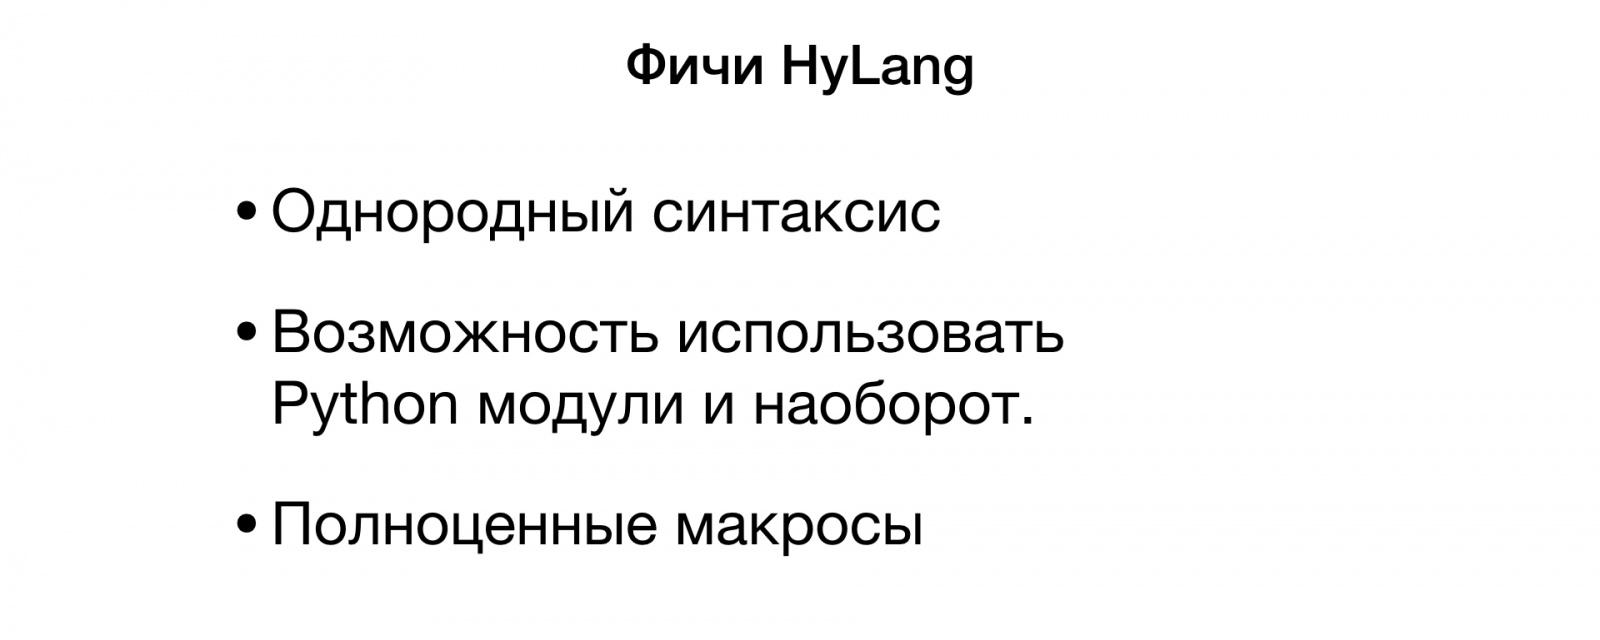 Макросы для питониста. Доклад Яндекса - 35